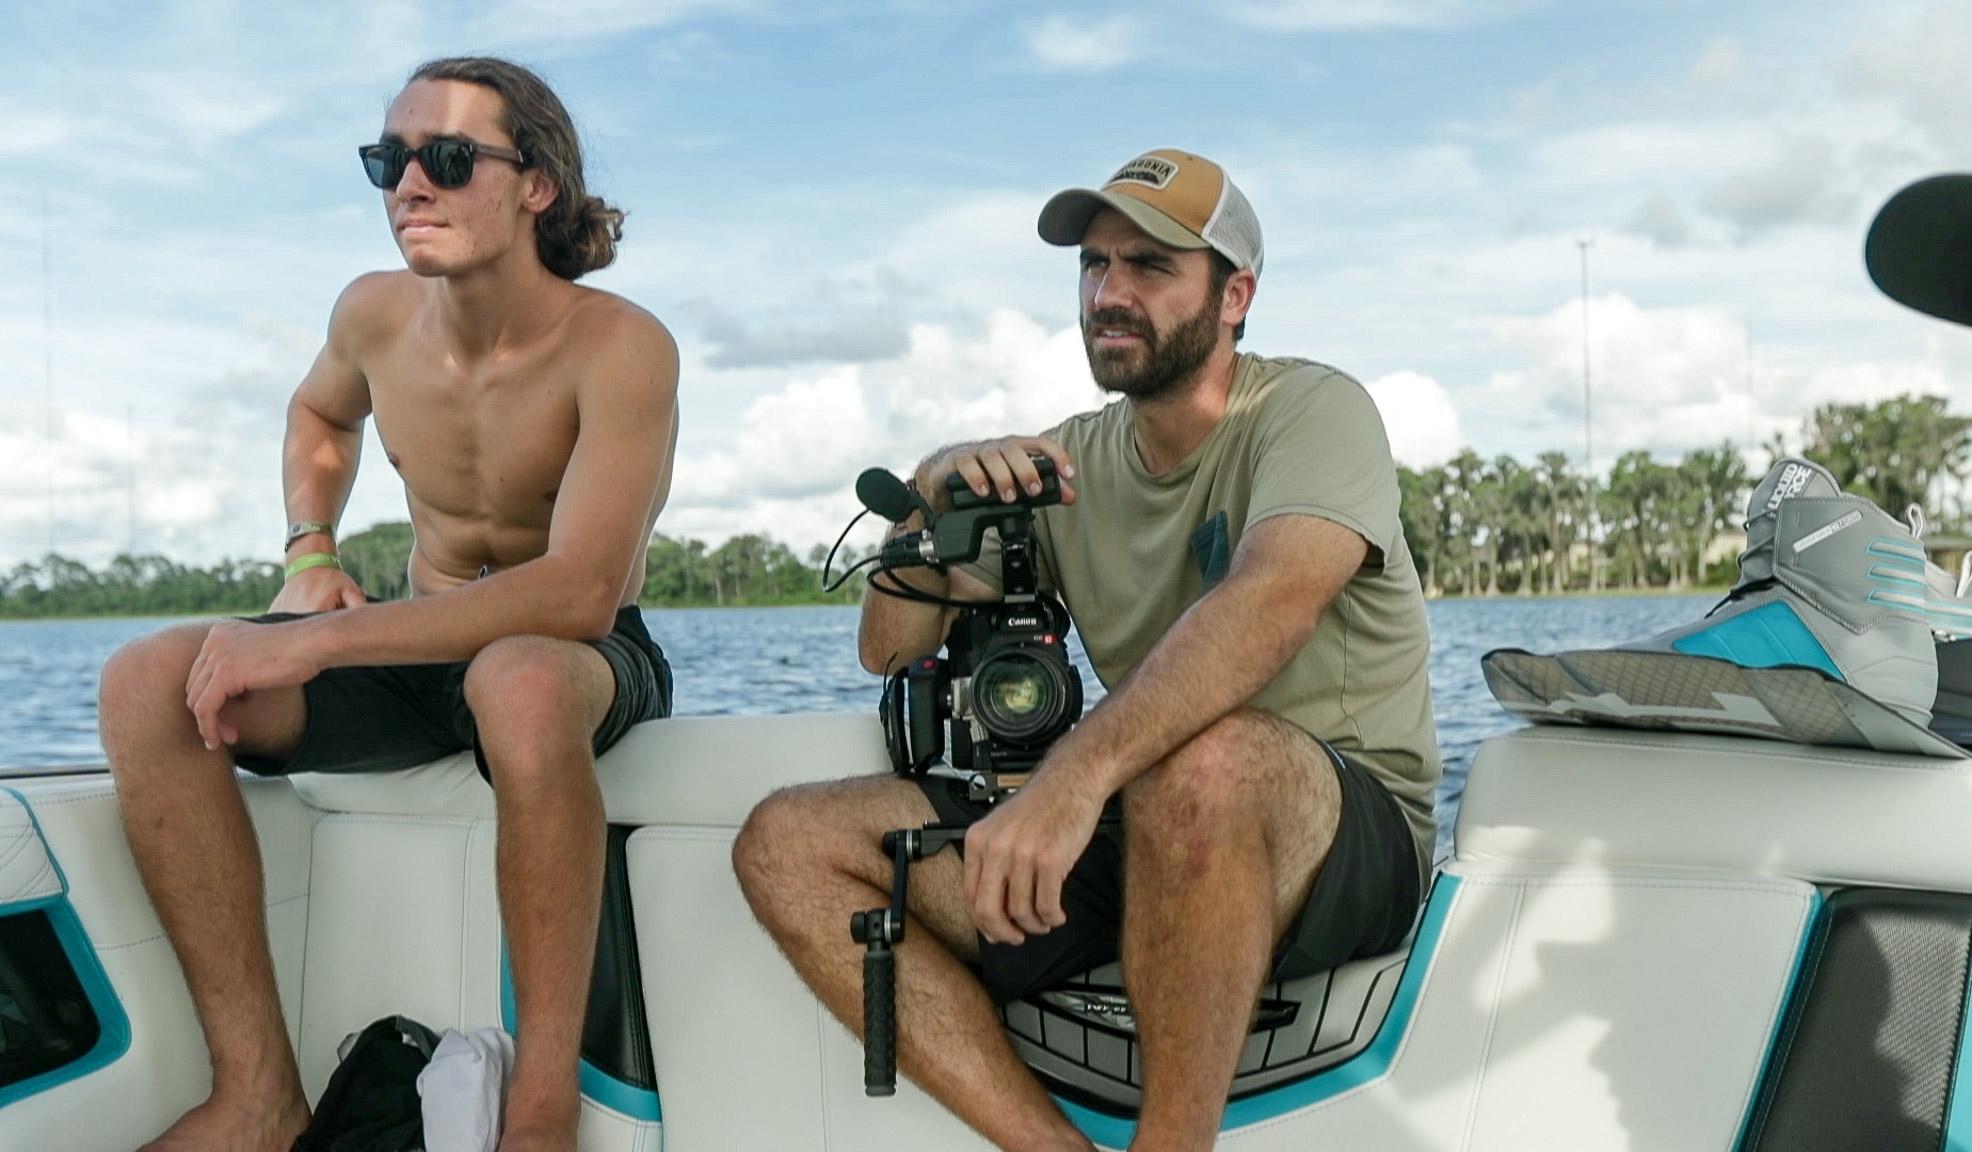 Oka's filmer: Zach Scheffer